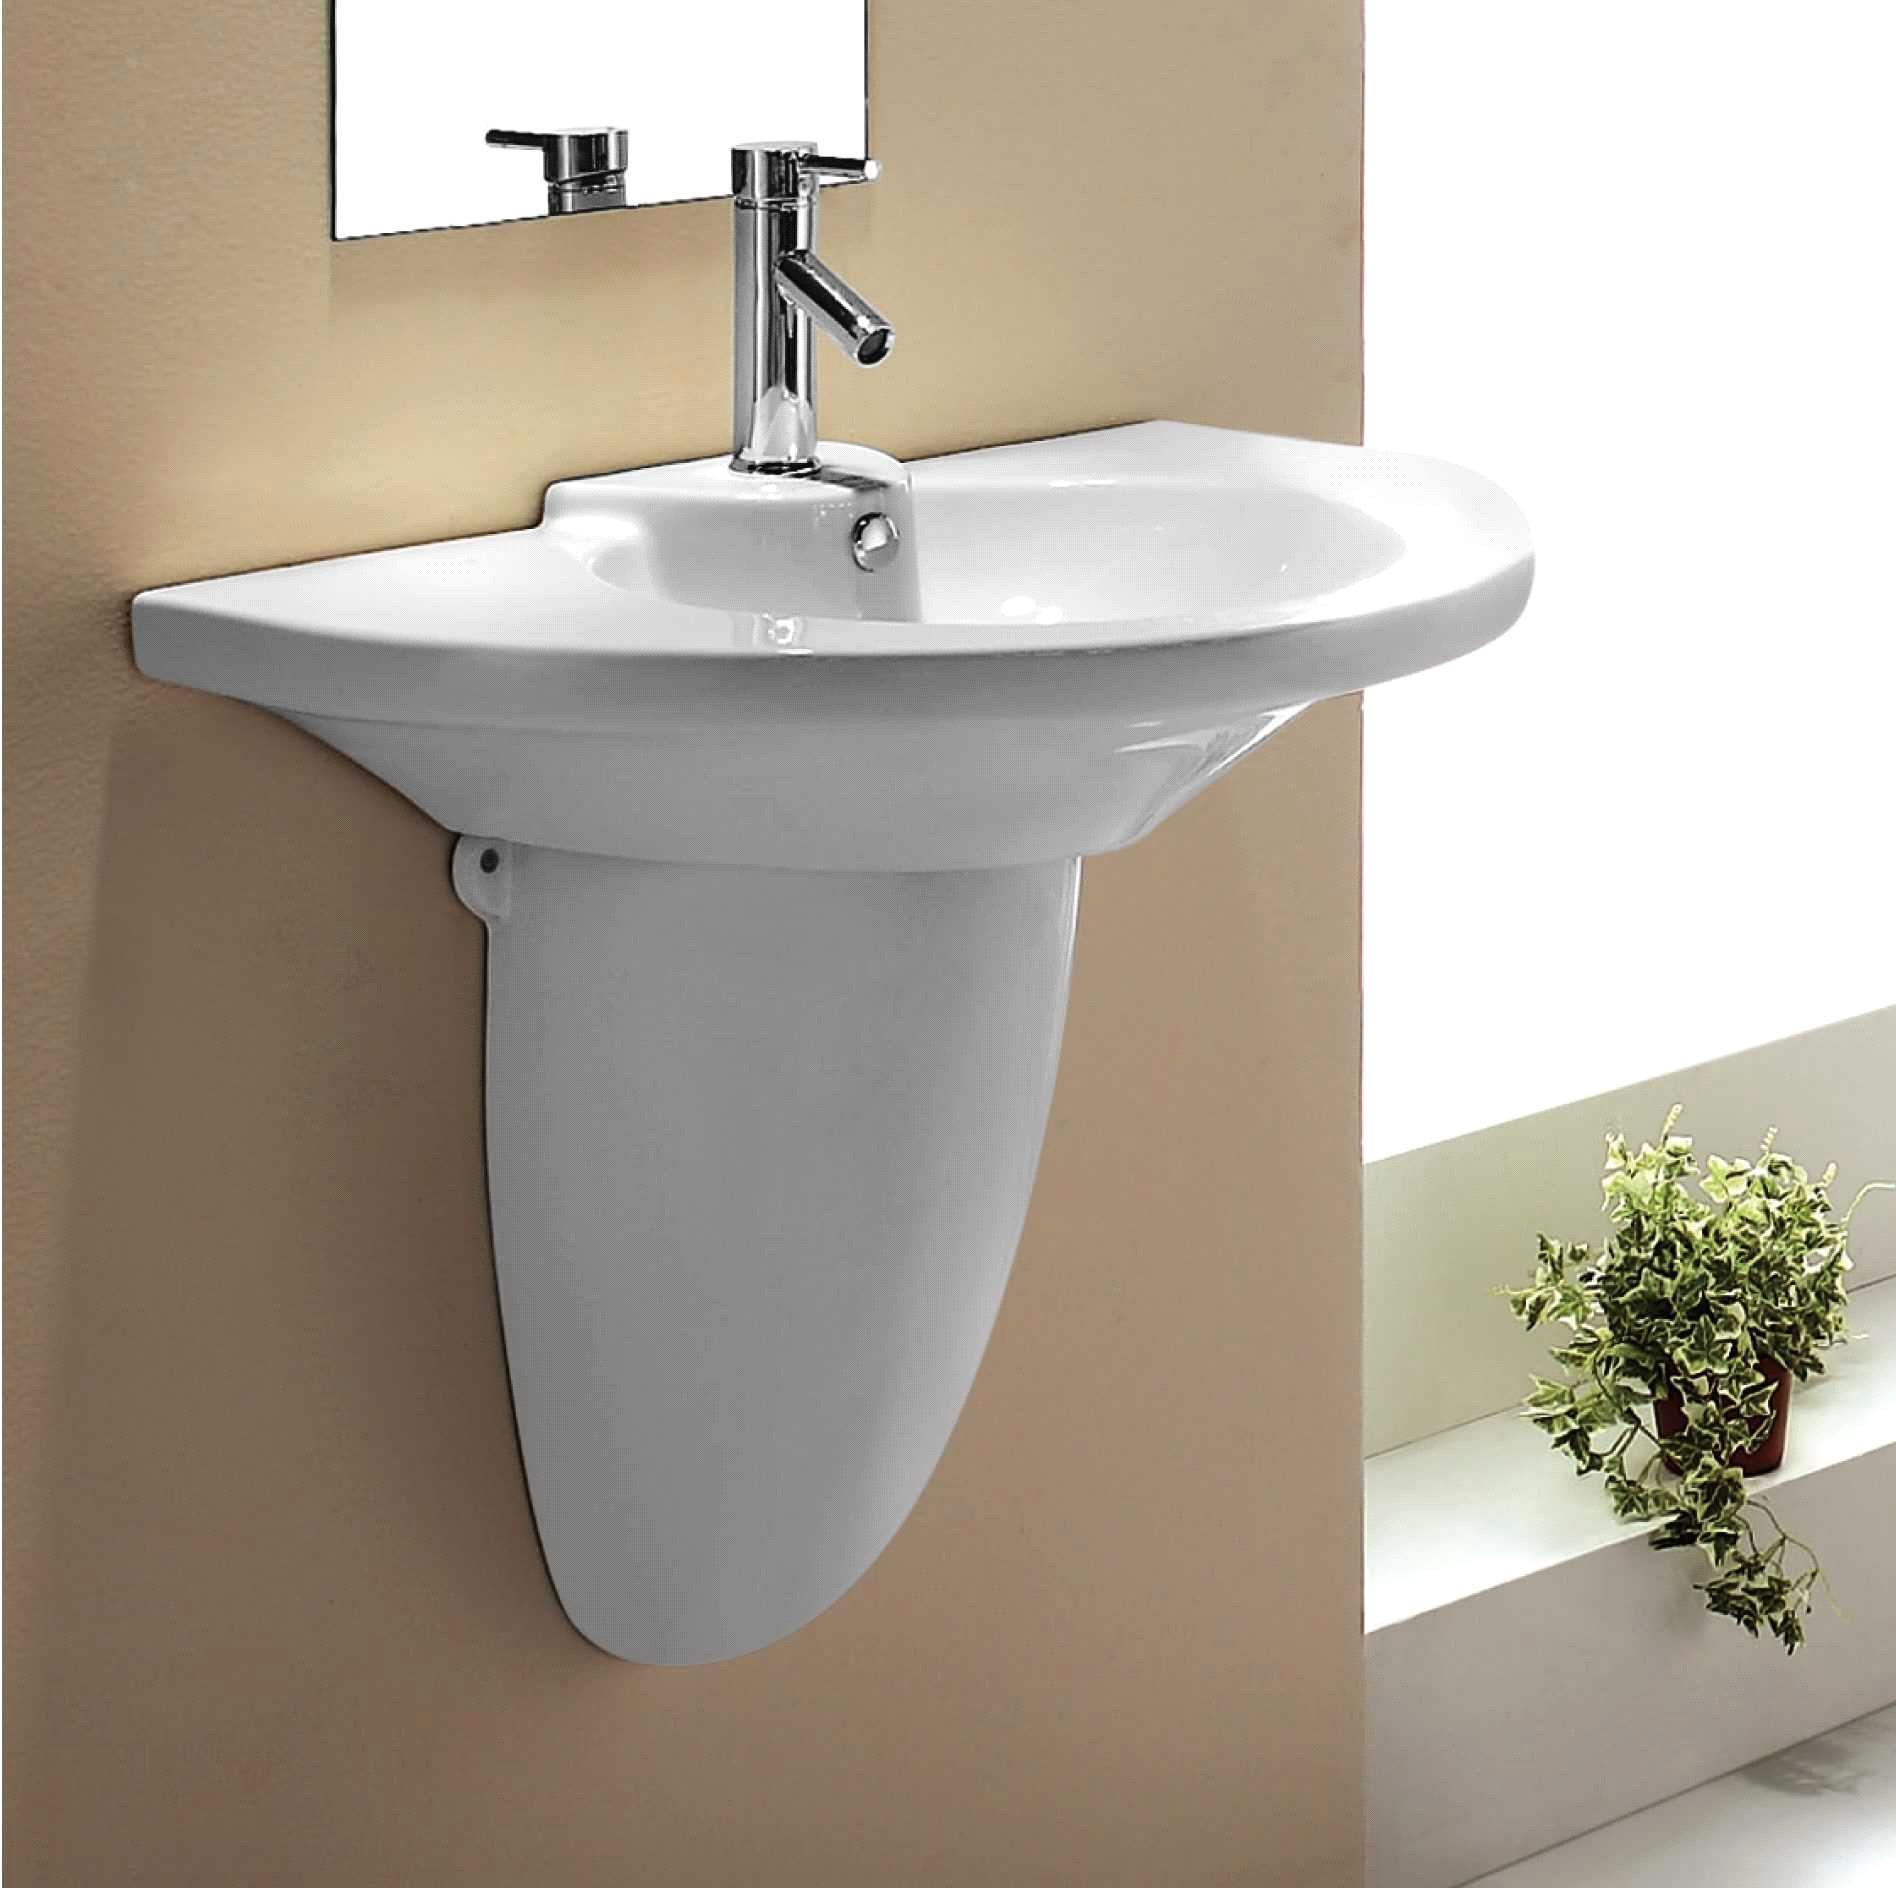 ... > Wash Basin - Pedestal Basin / Above Counter Basin > Pedestal basin